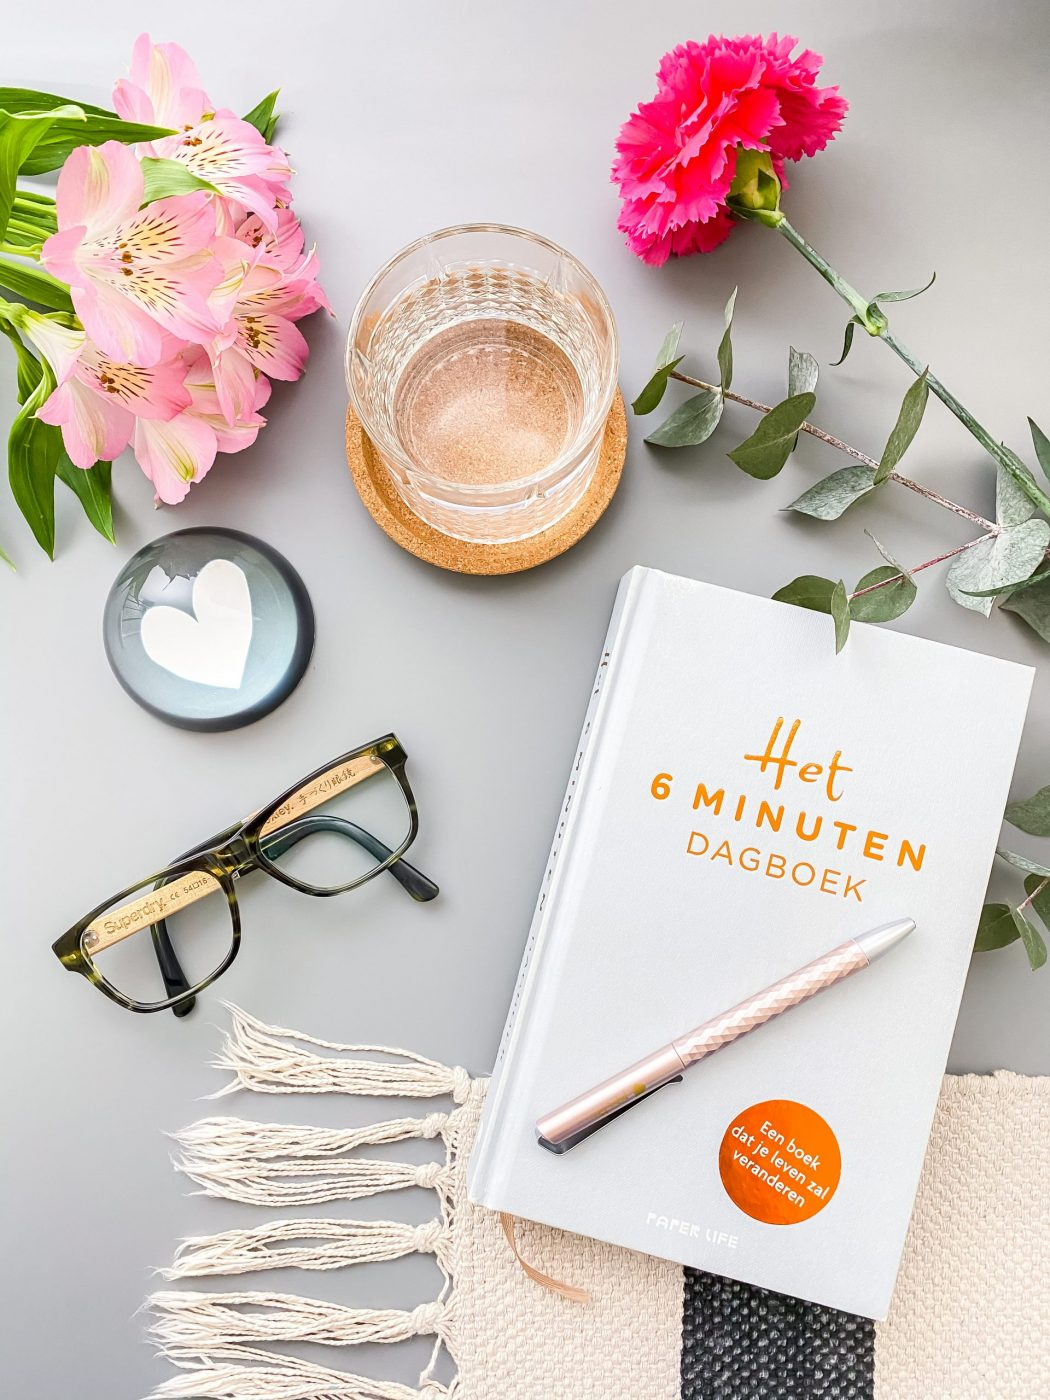 Het 6 minuten dagboek   The Taste Of Love